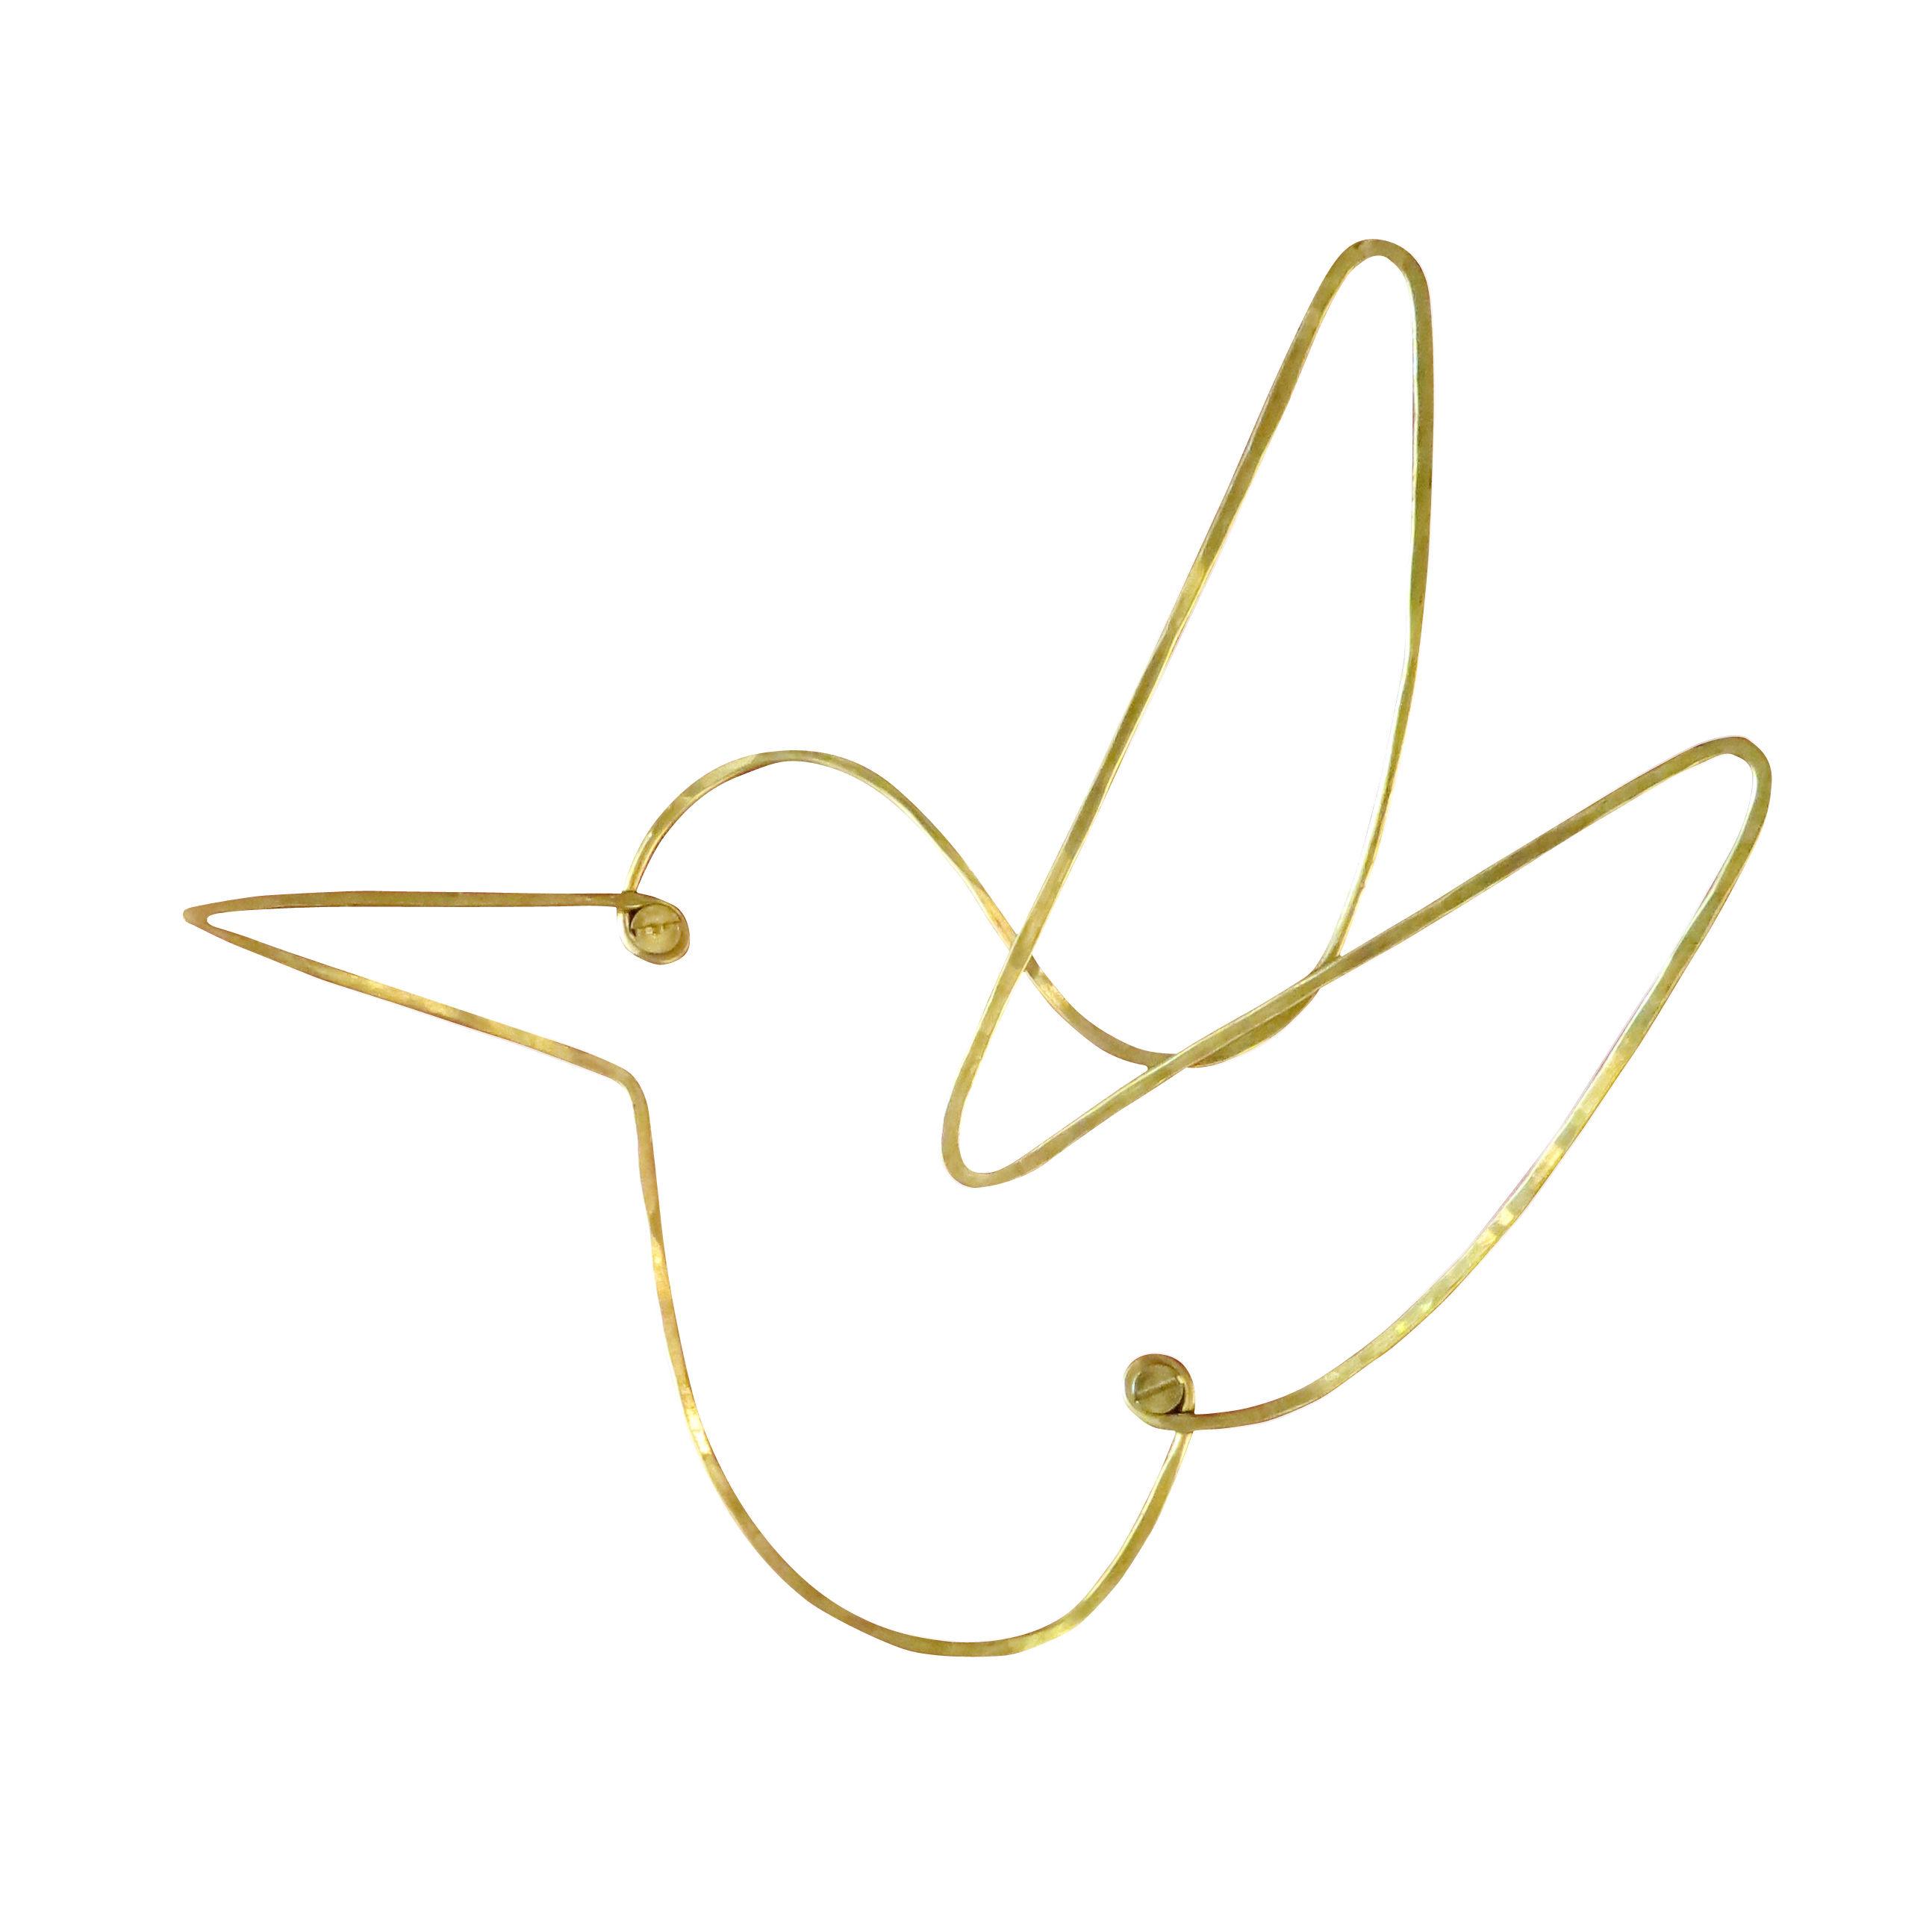 Dekoration - Dekorationsartikel - Silhouettes - Wandhalterung für Objekte Kolibri / messingfarben - Sentou Edition - Kolibri / messingfarben - Messing